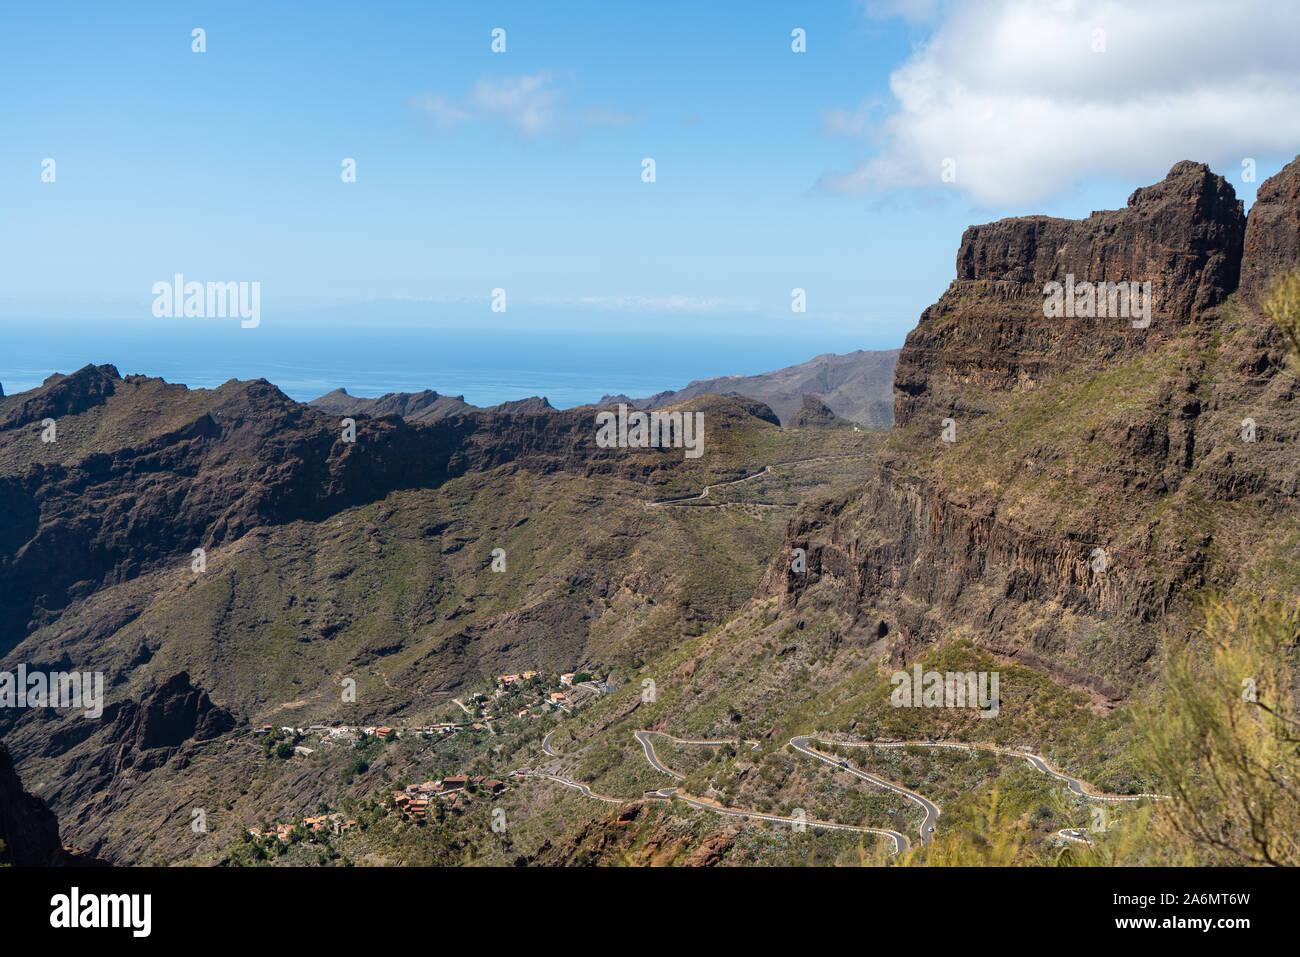 El maravilloso camino lleno de curvas en el valle de Masca, Tenerife, Islas Canarias, España Foto de stock